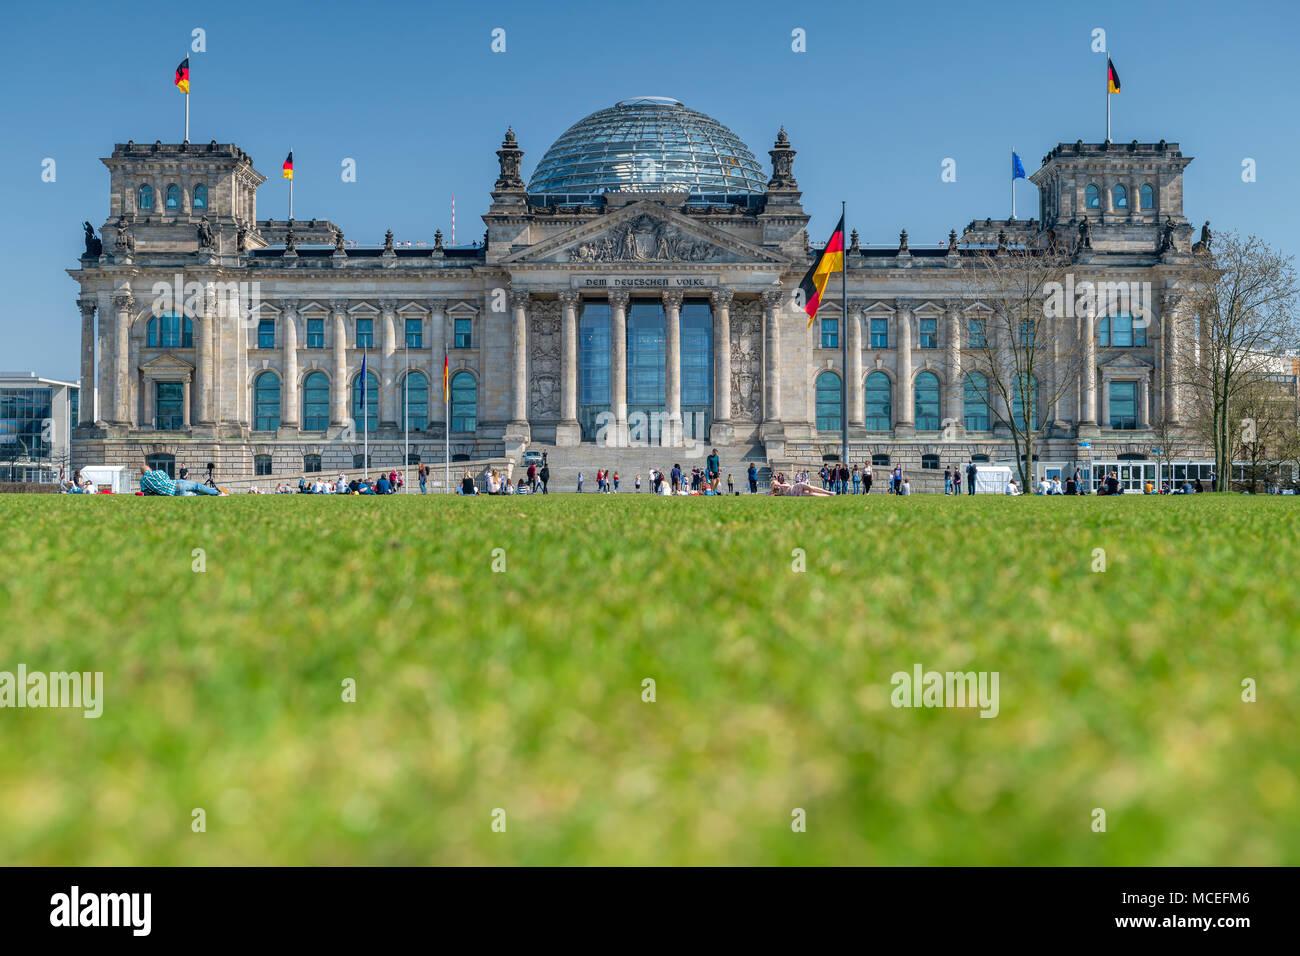 Reich Chancellery Stock Photos & Reich Chancellery Stock ...  Reich Chancelle...